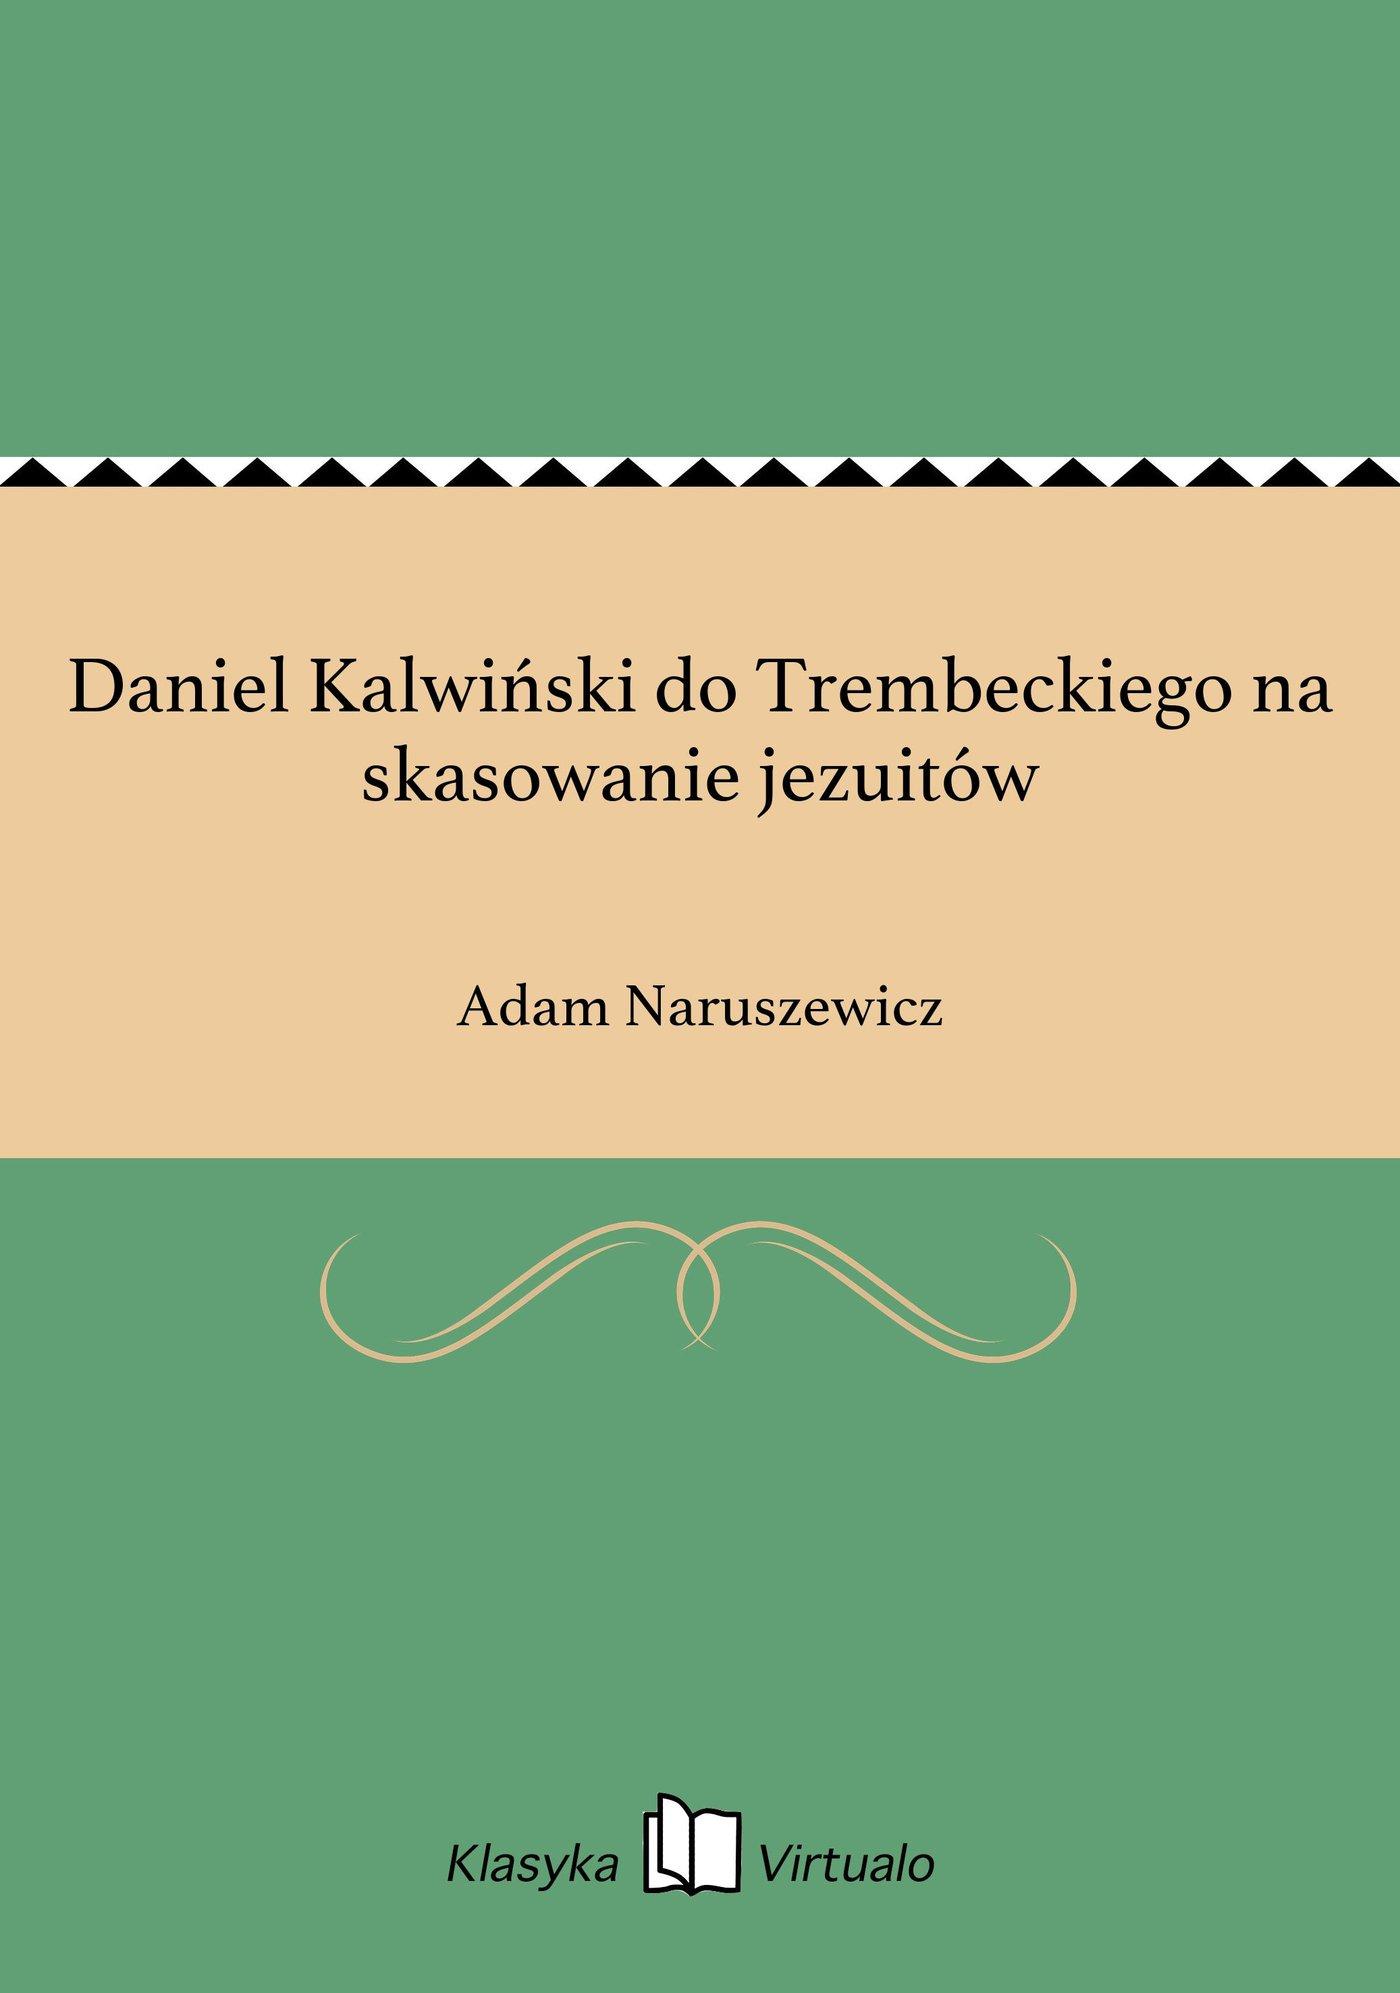 Daniel Kalwiński do Trembeckiego na skasowanie jezuitów - Ebook (Książka na Kindle) do pobrania w formacie MOBI